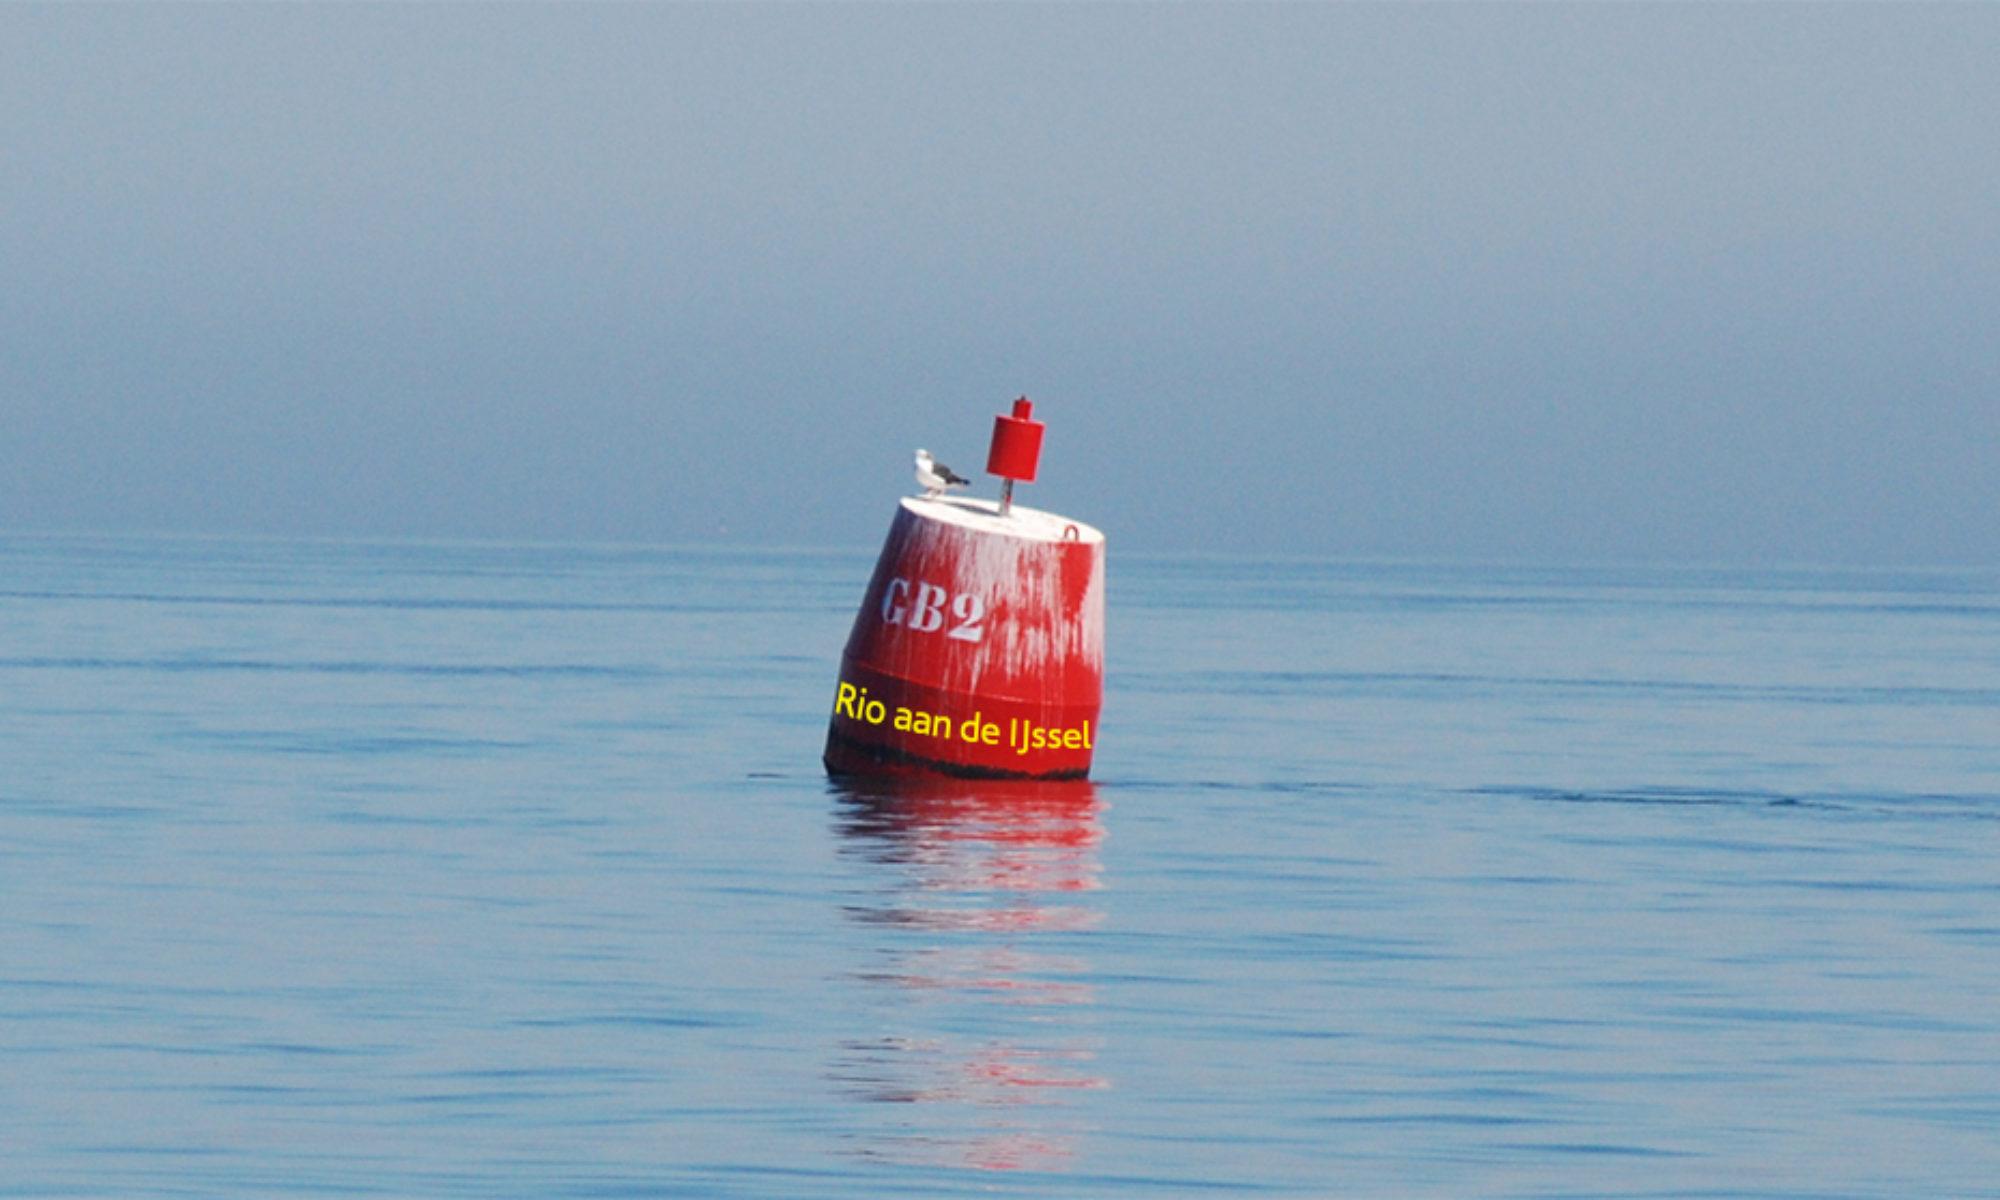 Rio aan de ijssel